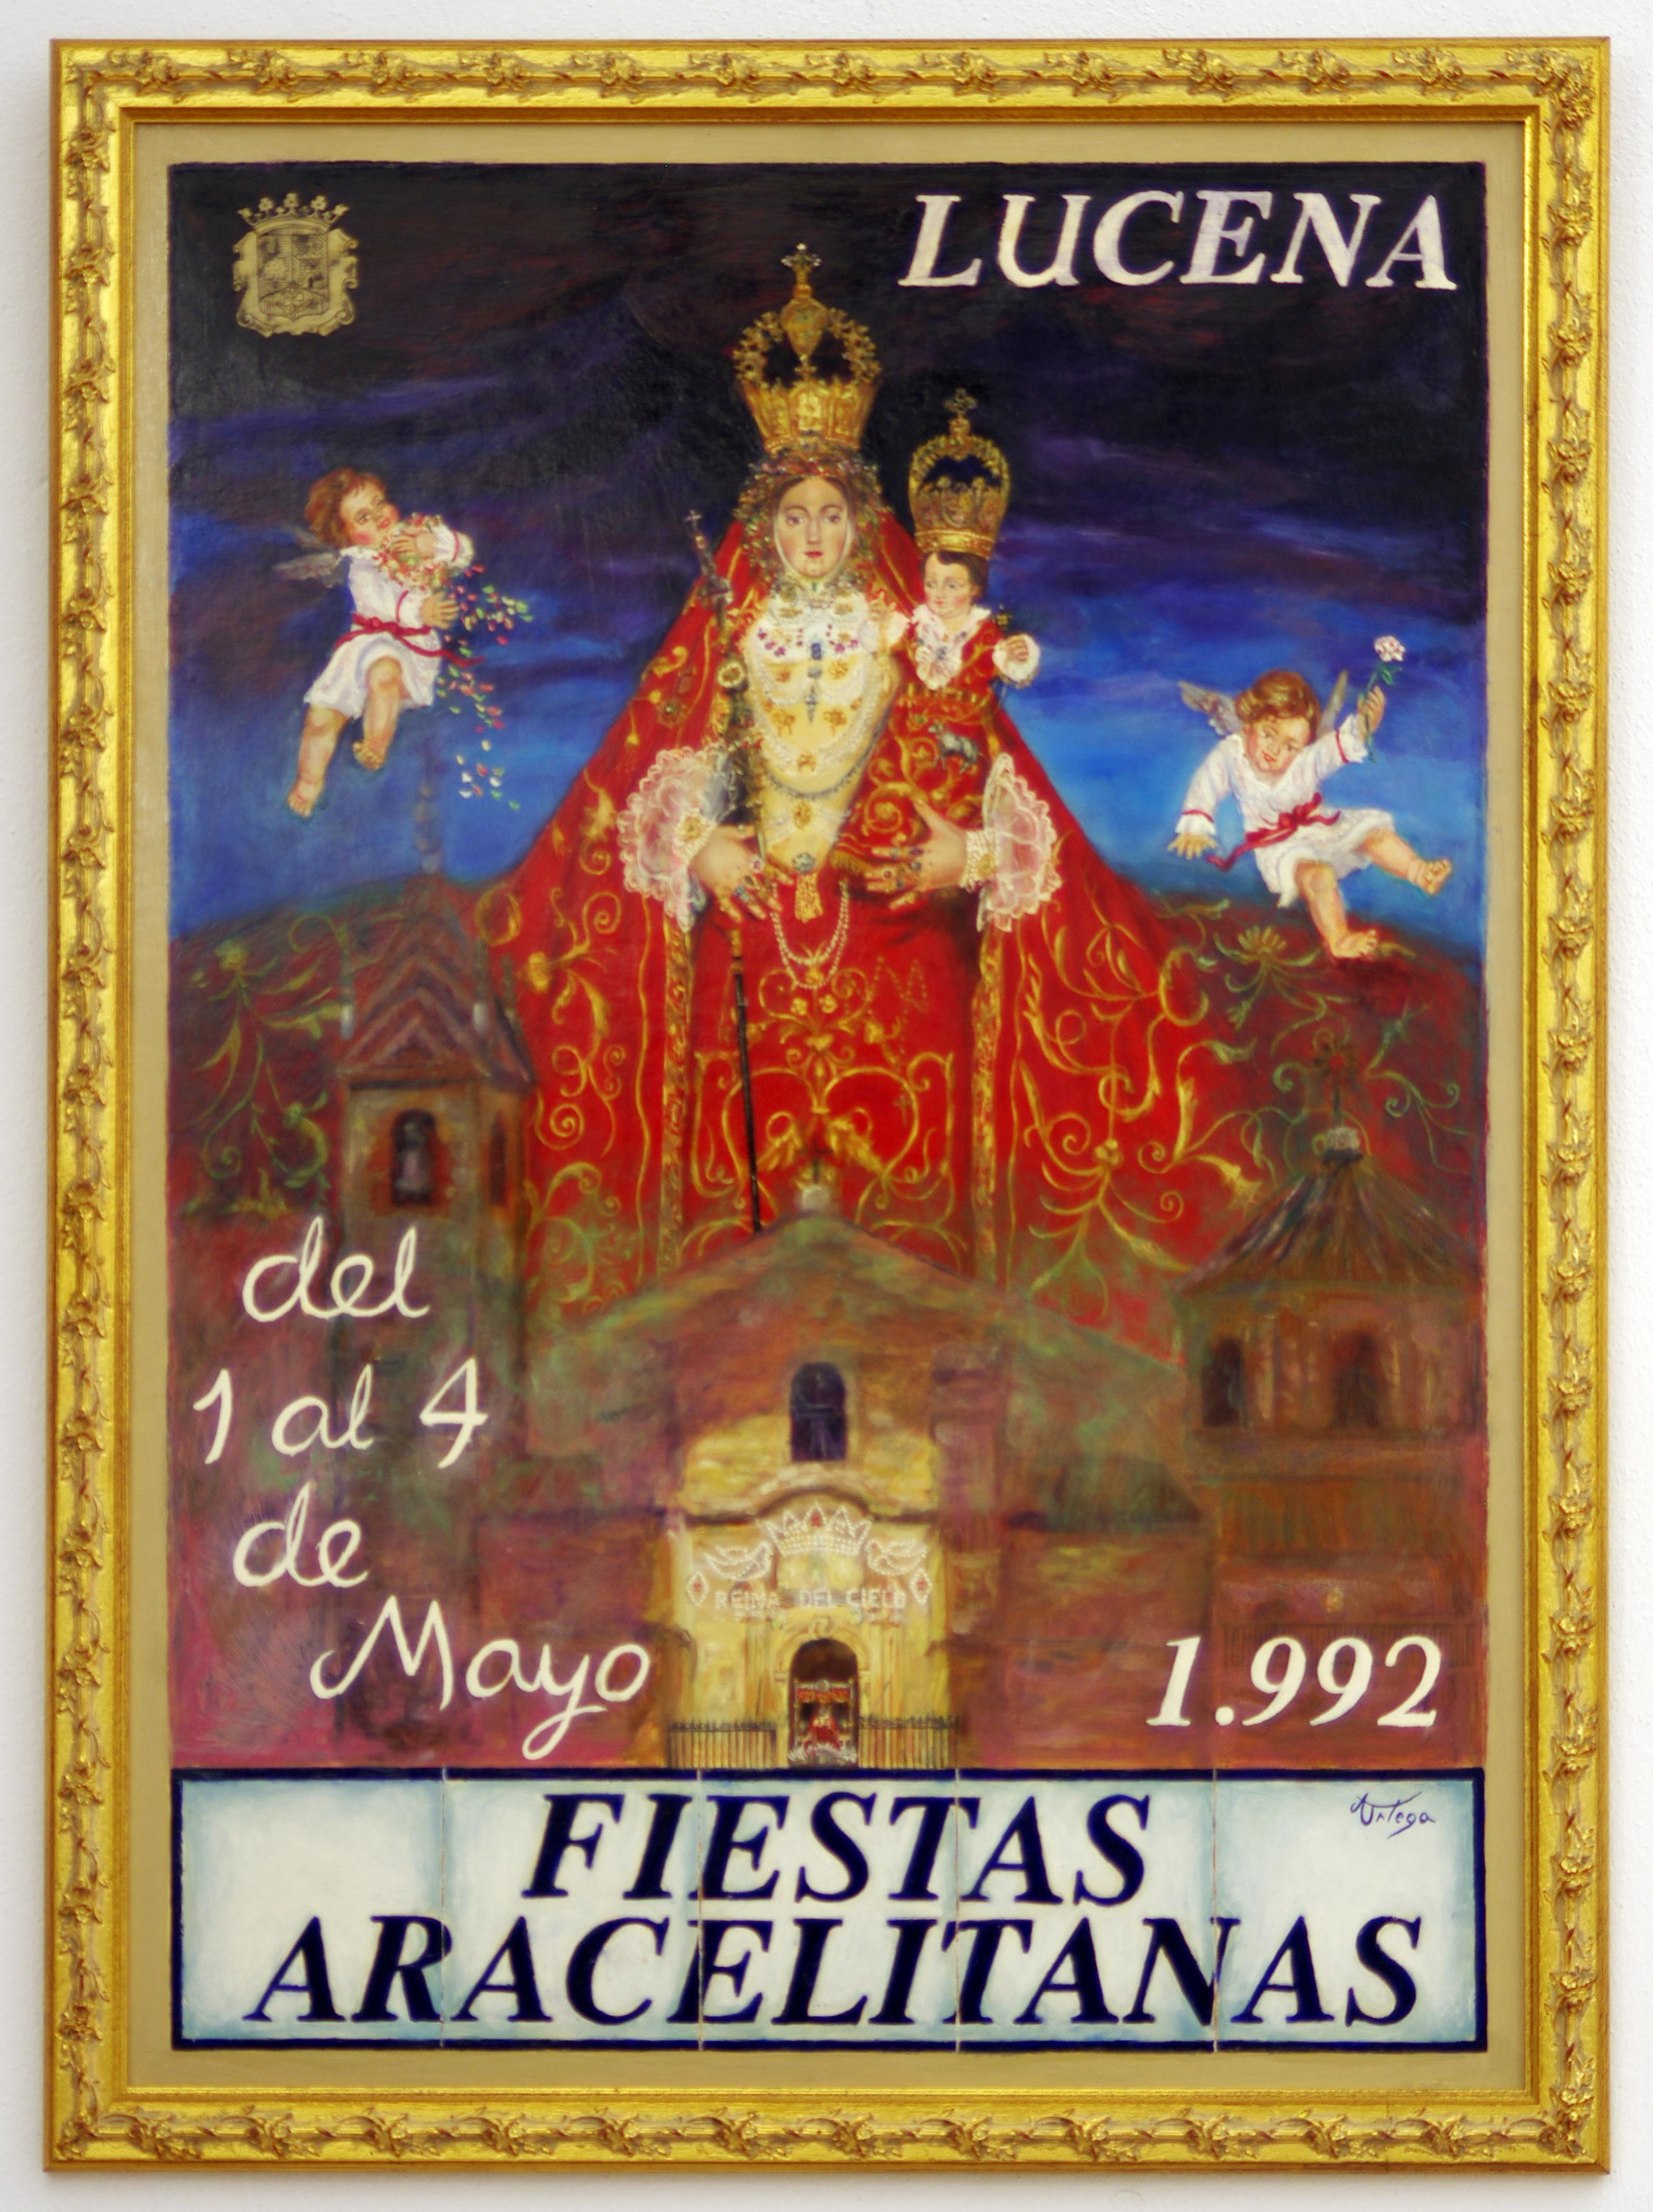 Cartes Fiesta Aracelitanas